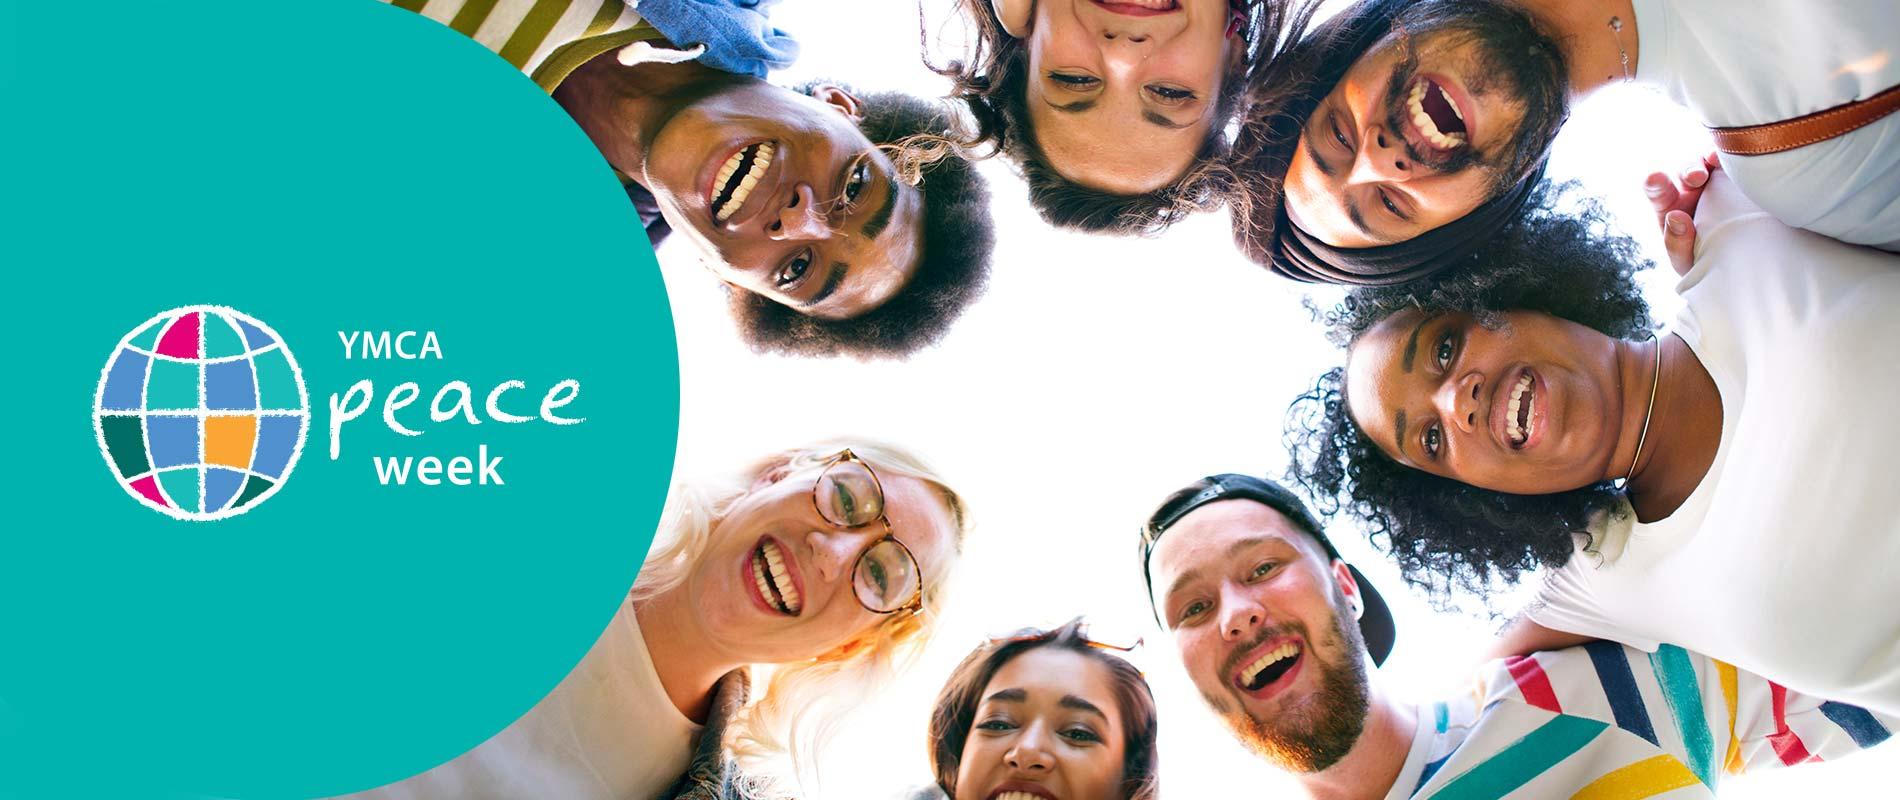 YMCA Peace Week group of people smiling